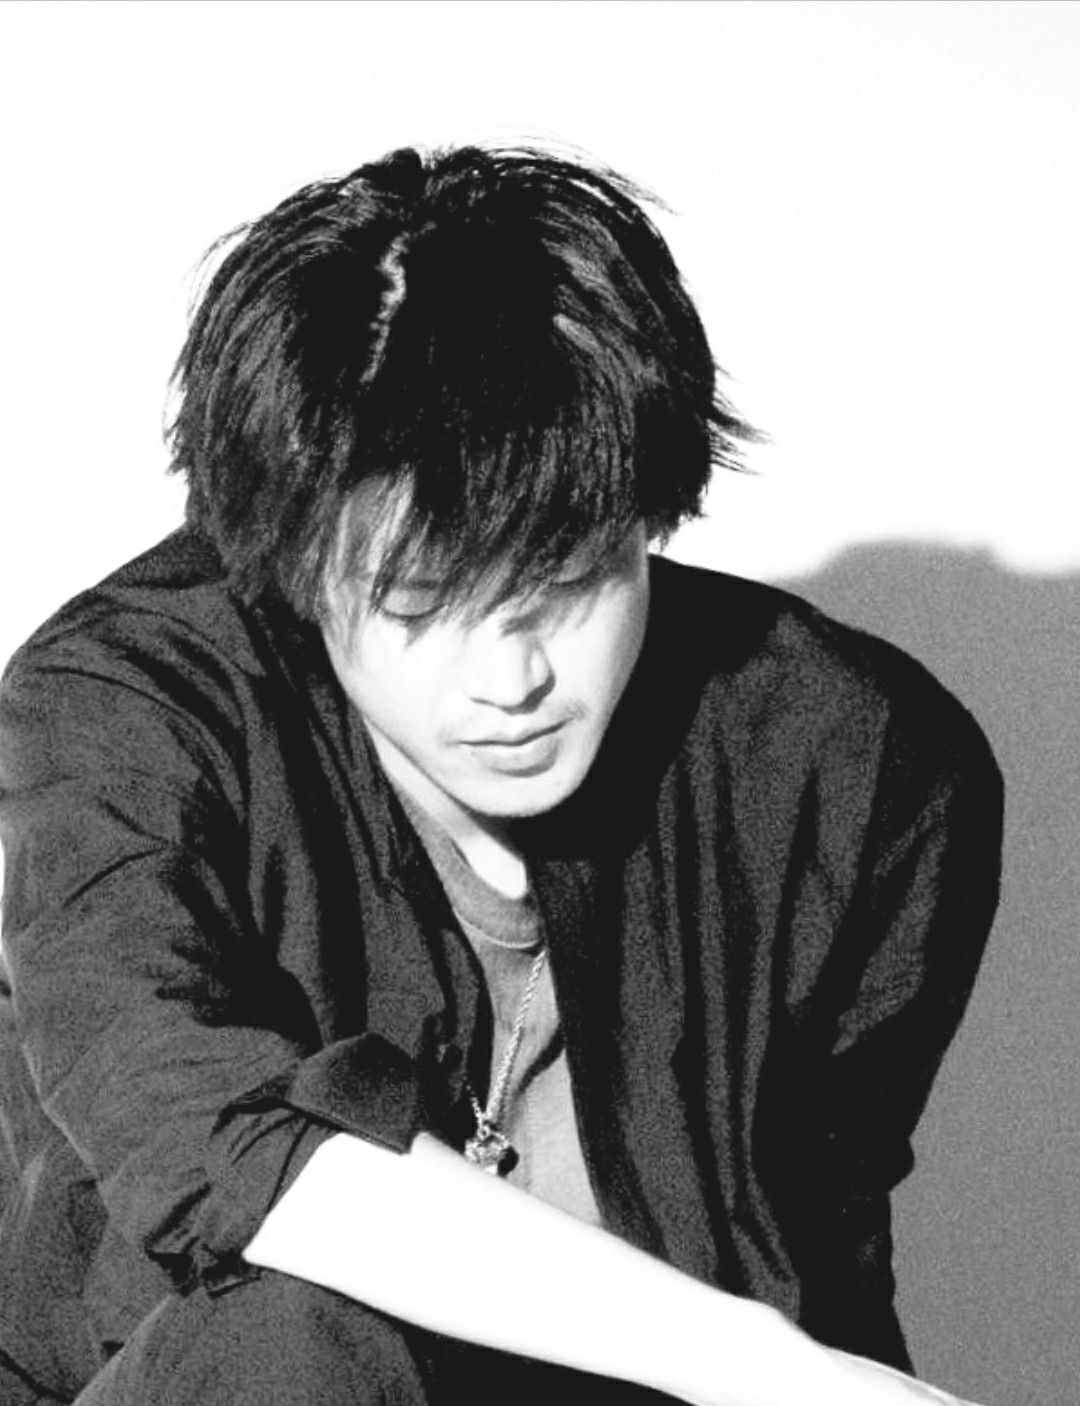 【かっこいい!】小栗旬のドラマ「リッチマンプアウーマン」時の髪型のサムネイル画像